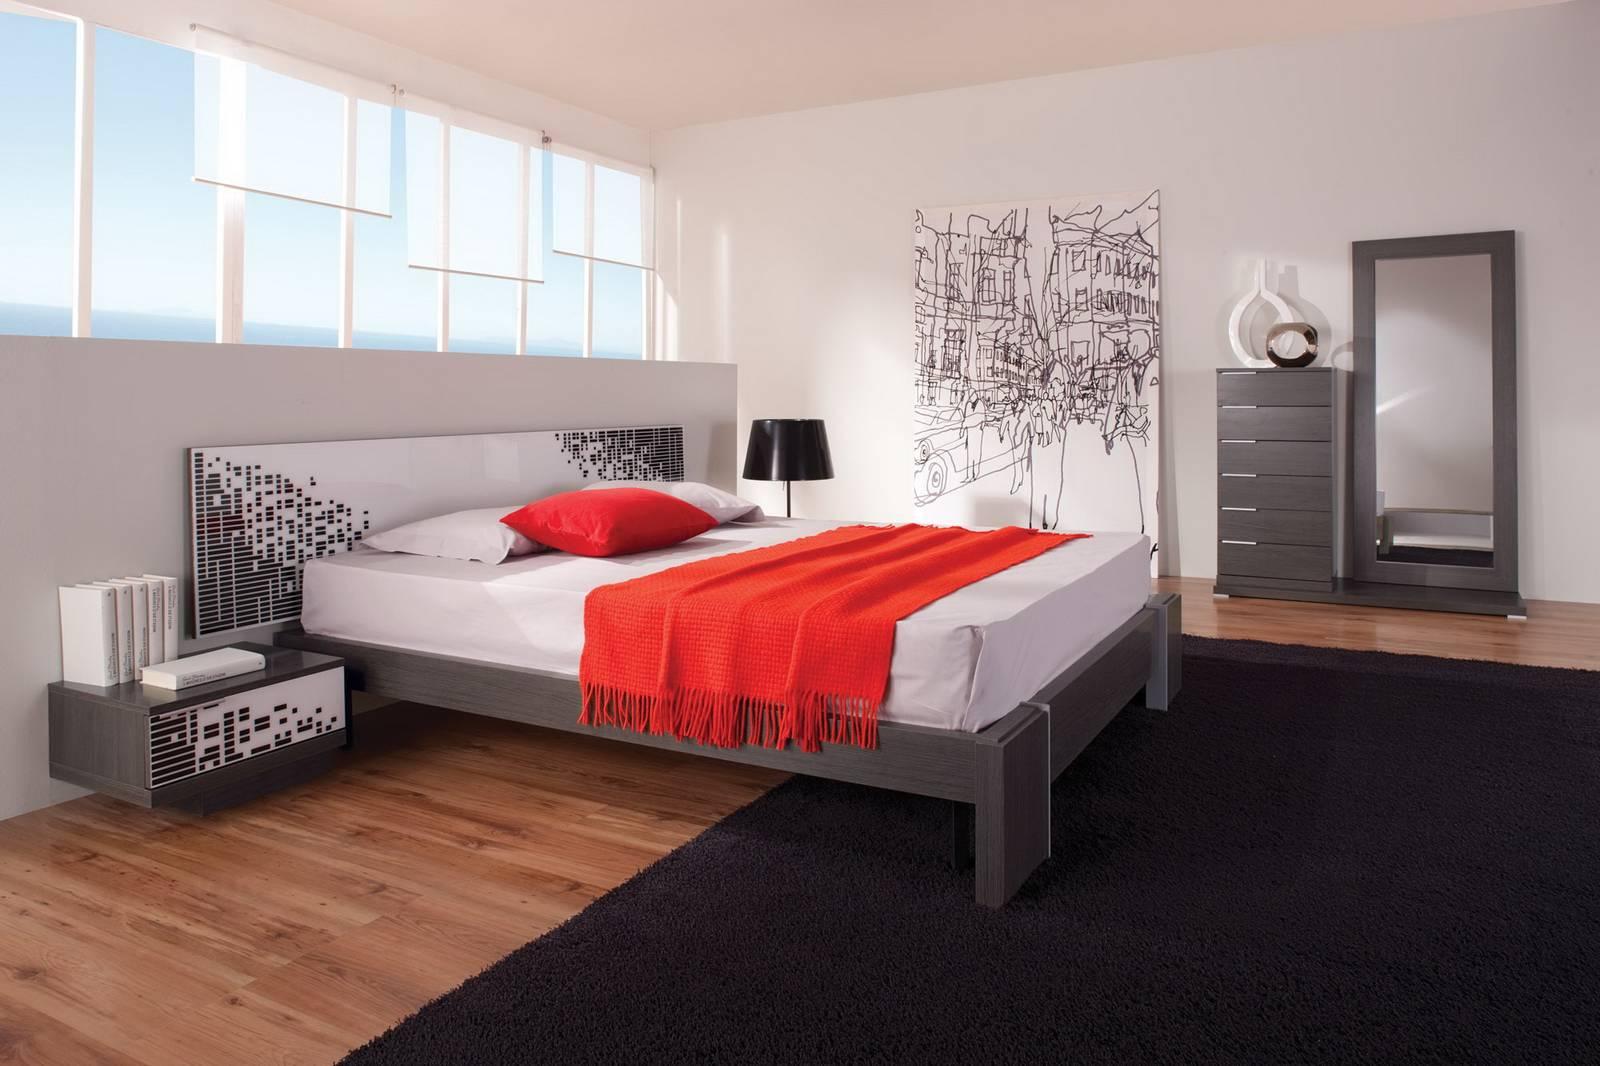 Черно красная спальня